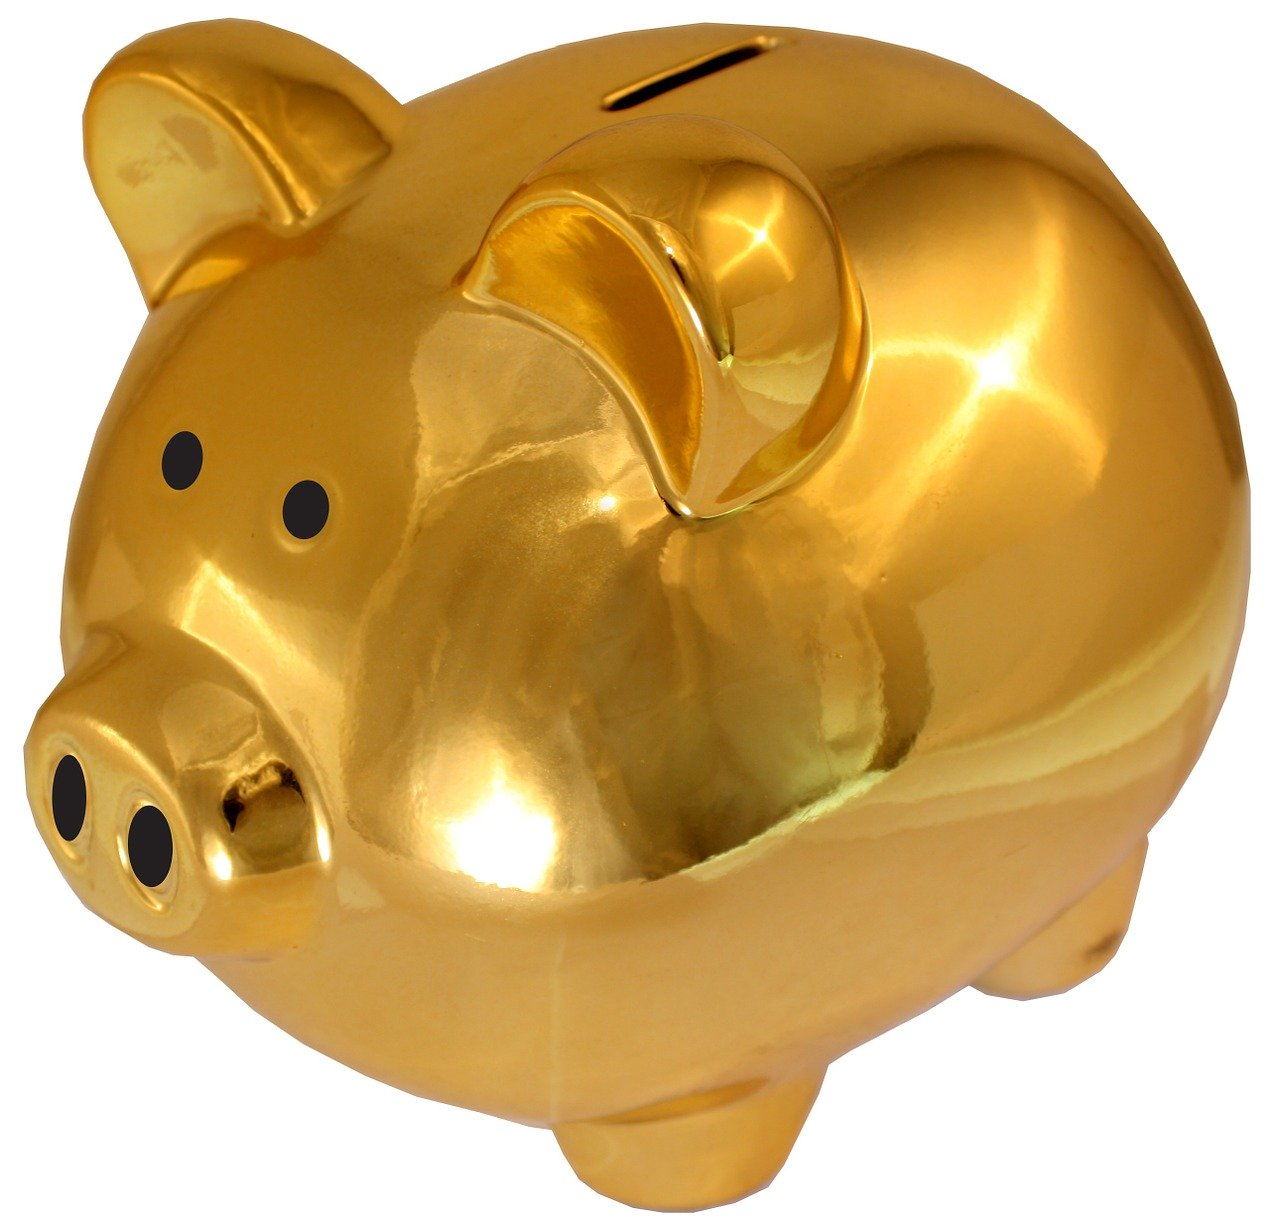 piggy-bank-1270926_1280